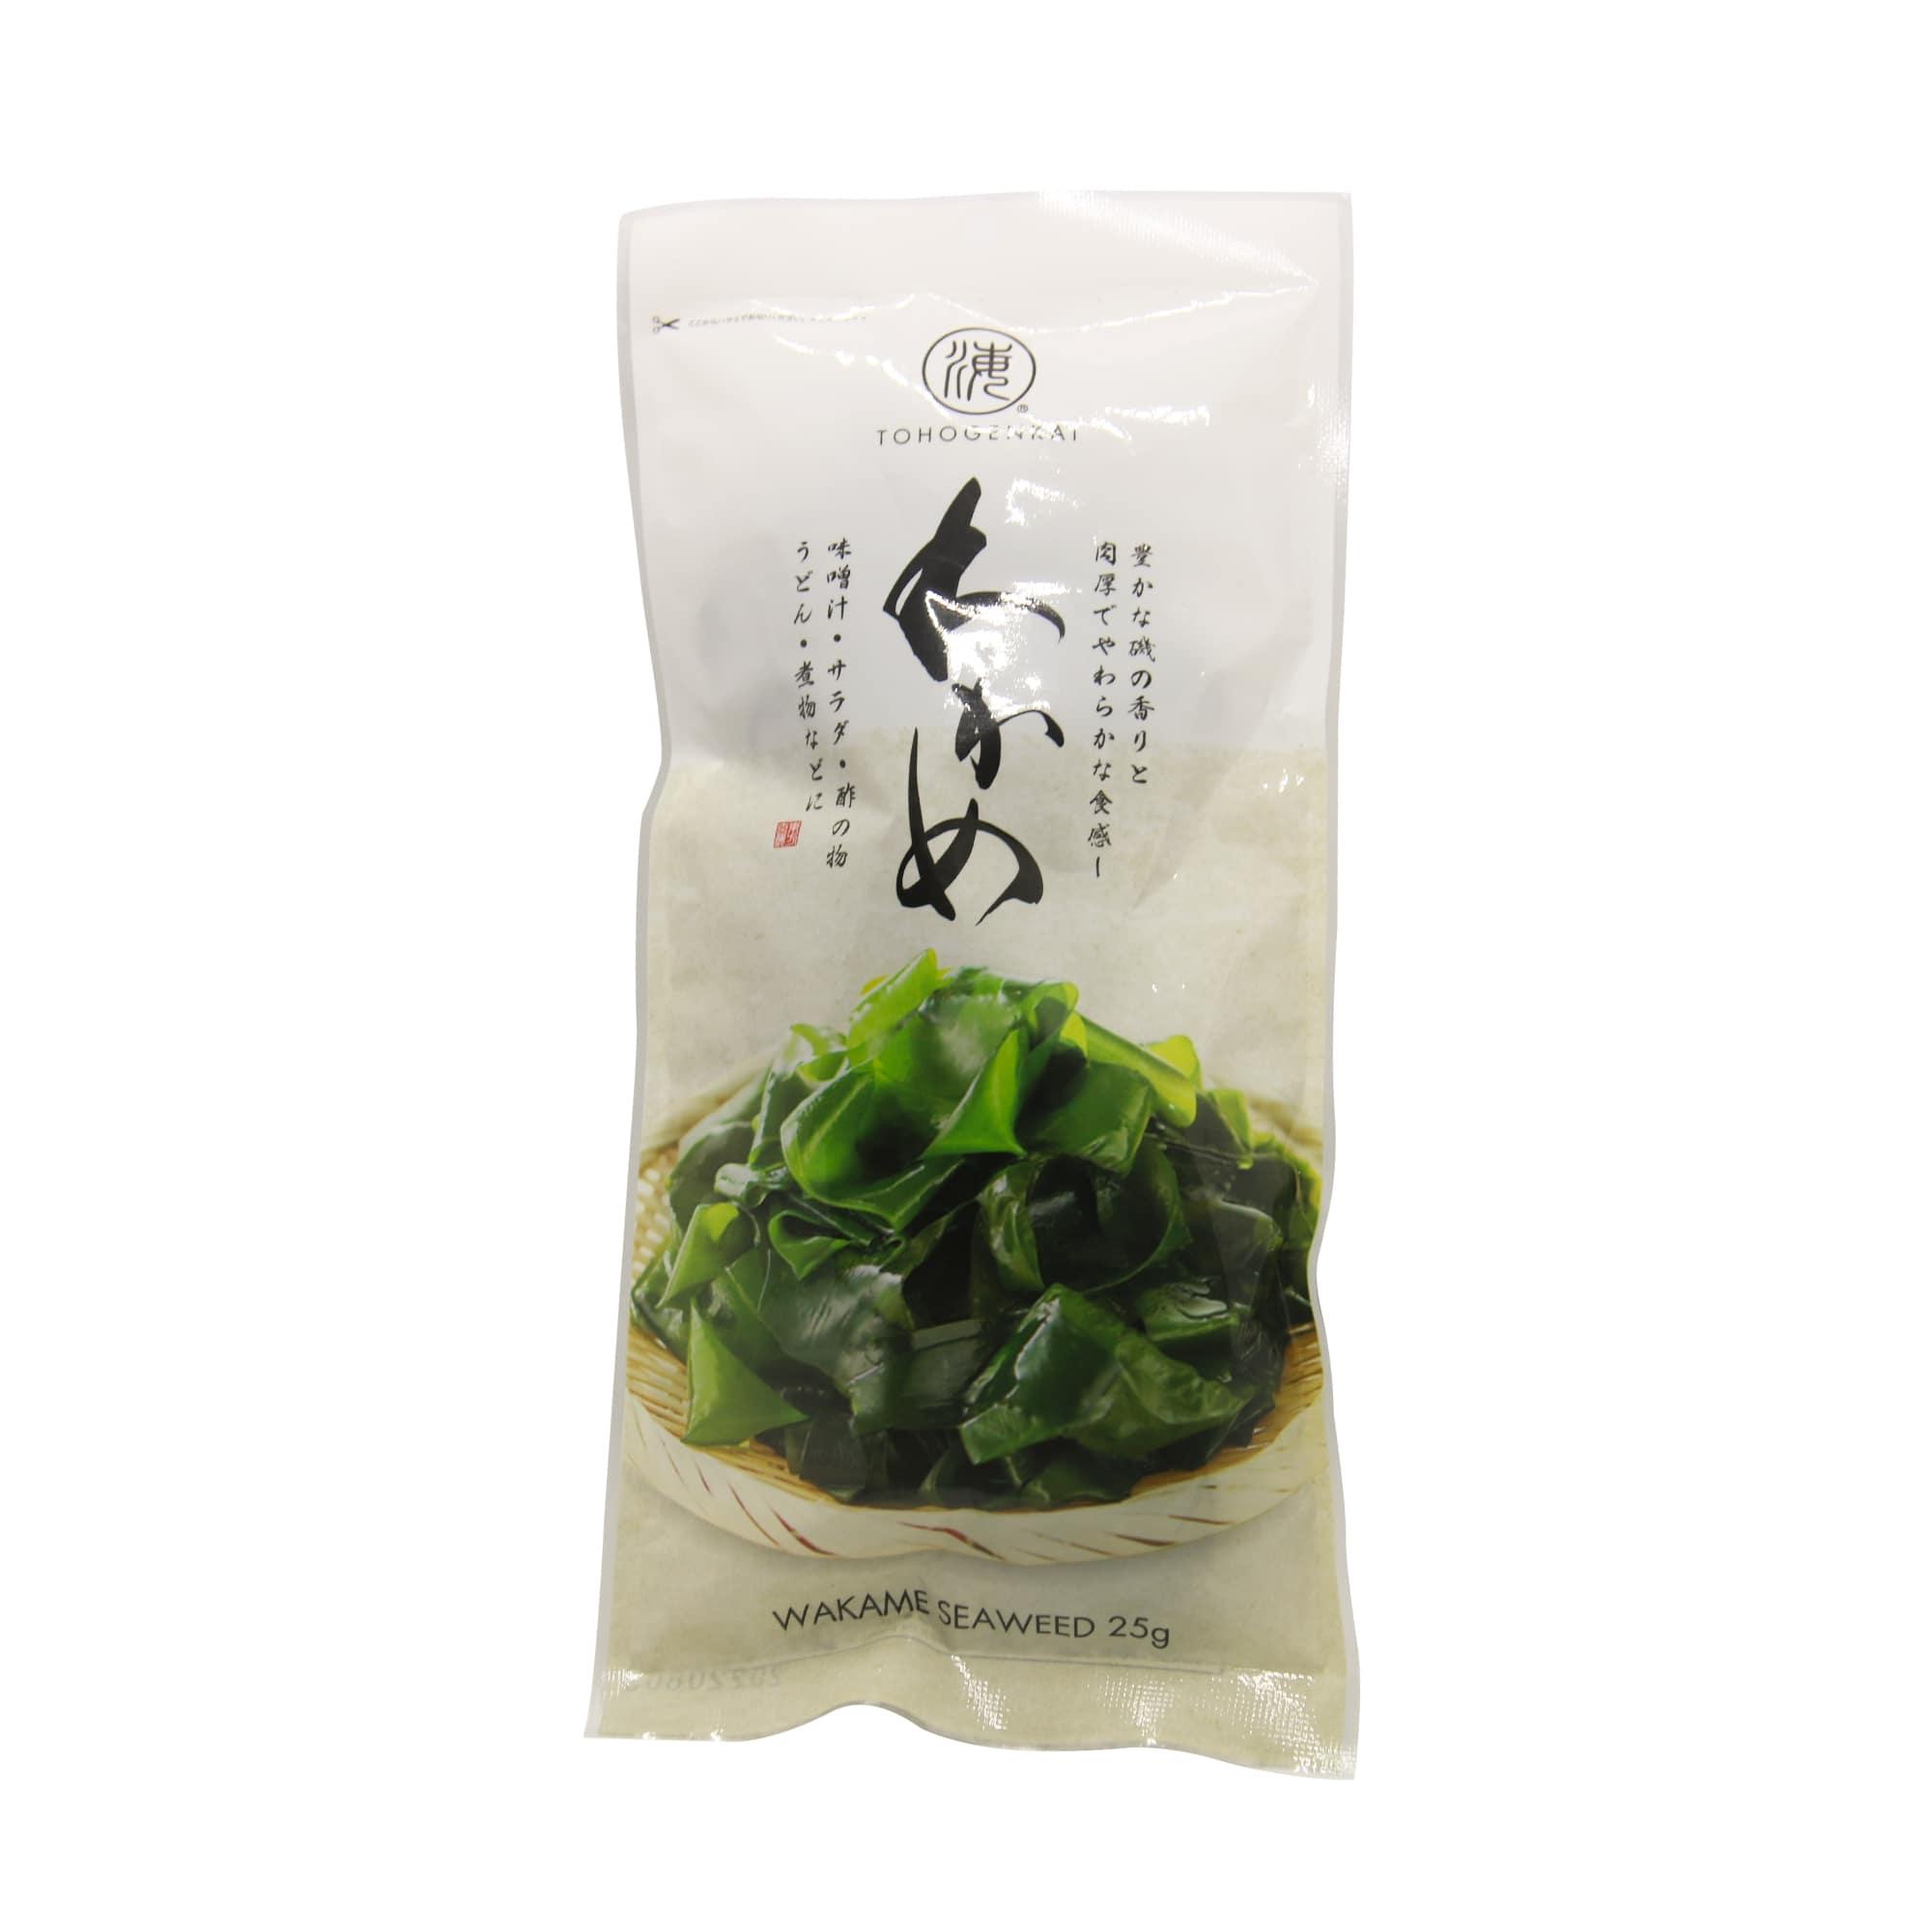 Rong biển khô nấu canh Tohogenkai nhập khẩu Hàn Quốc 25g